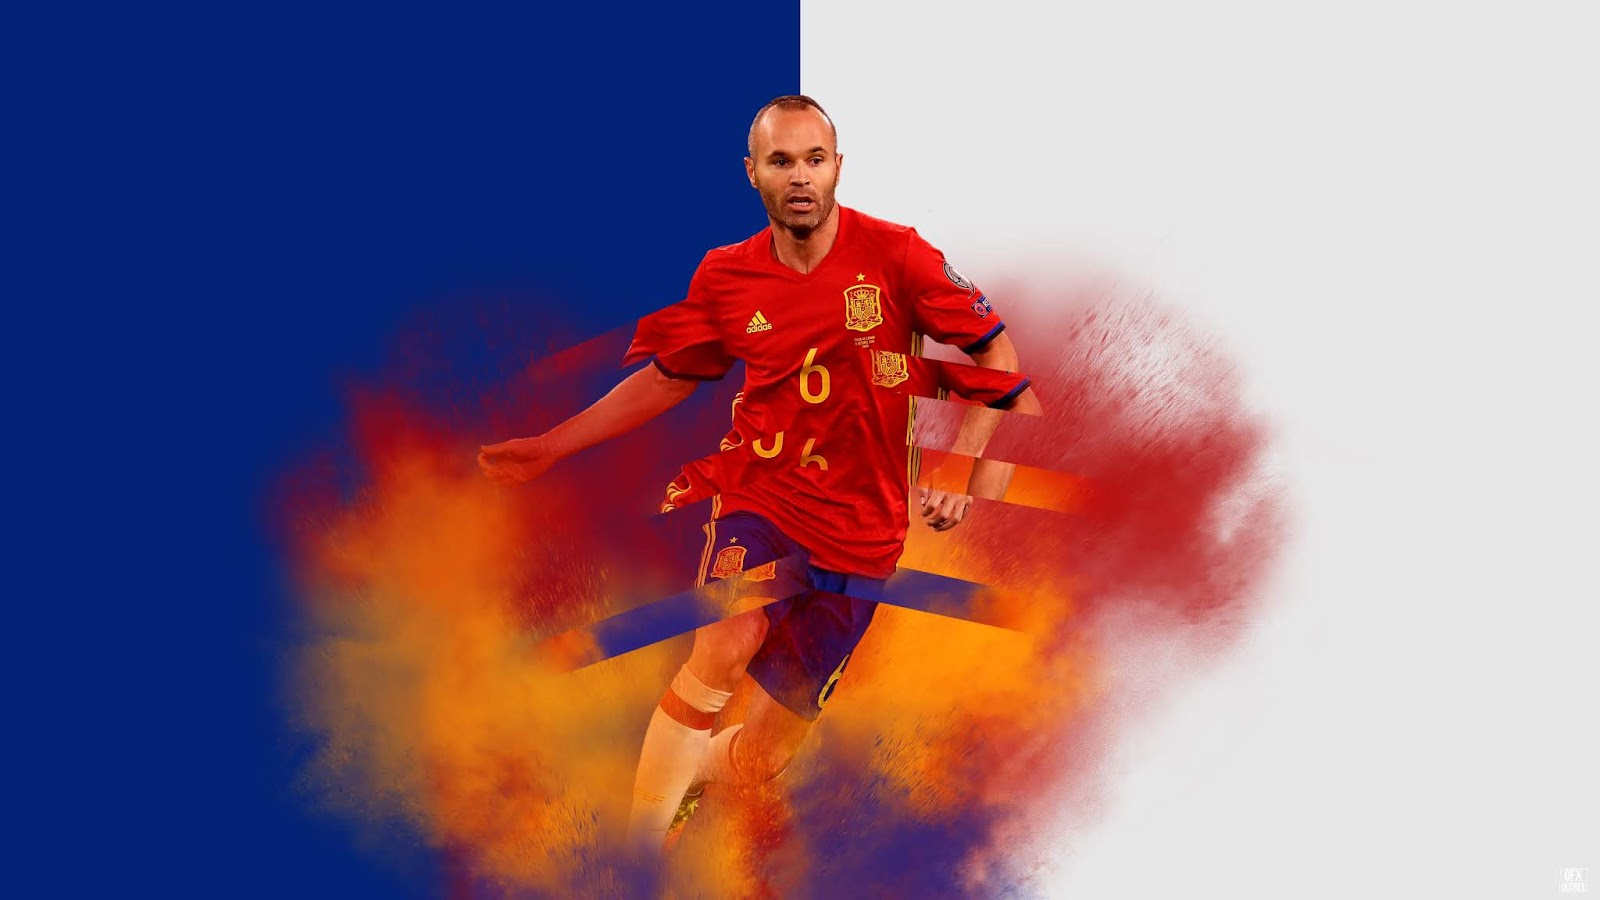 Andres Iniesta, Spain, FC Barcelona, 4K, Sports